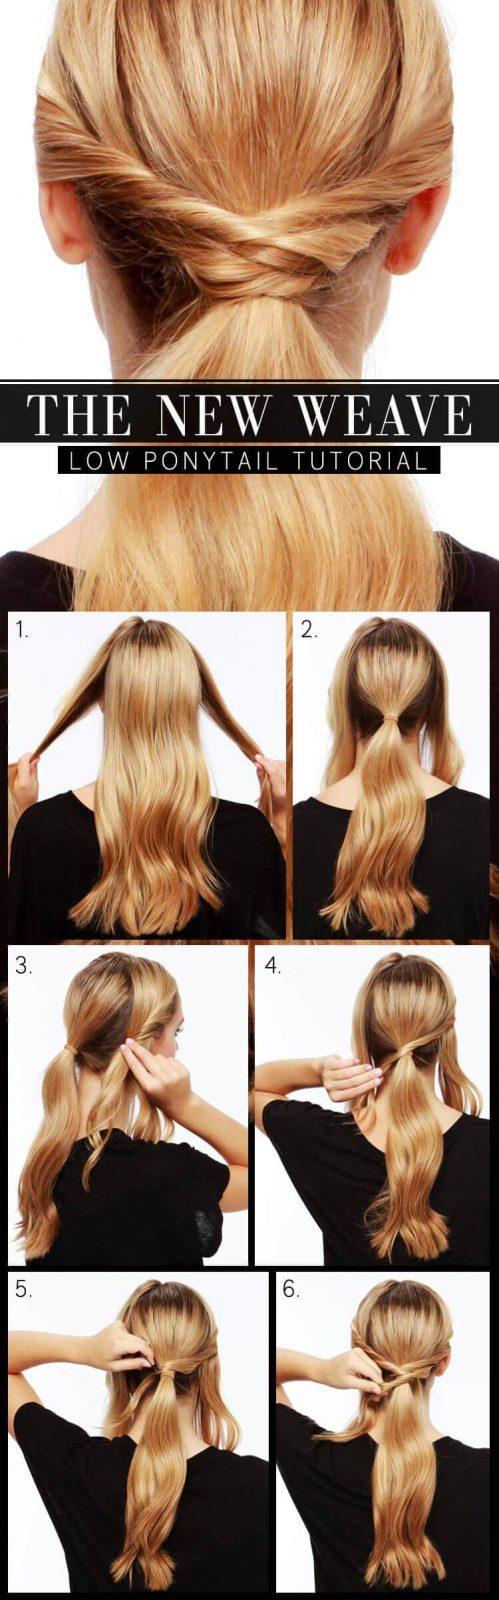 Klassische Und Süße Frisur Ideen Für Lange Haare Frisurentrends